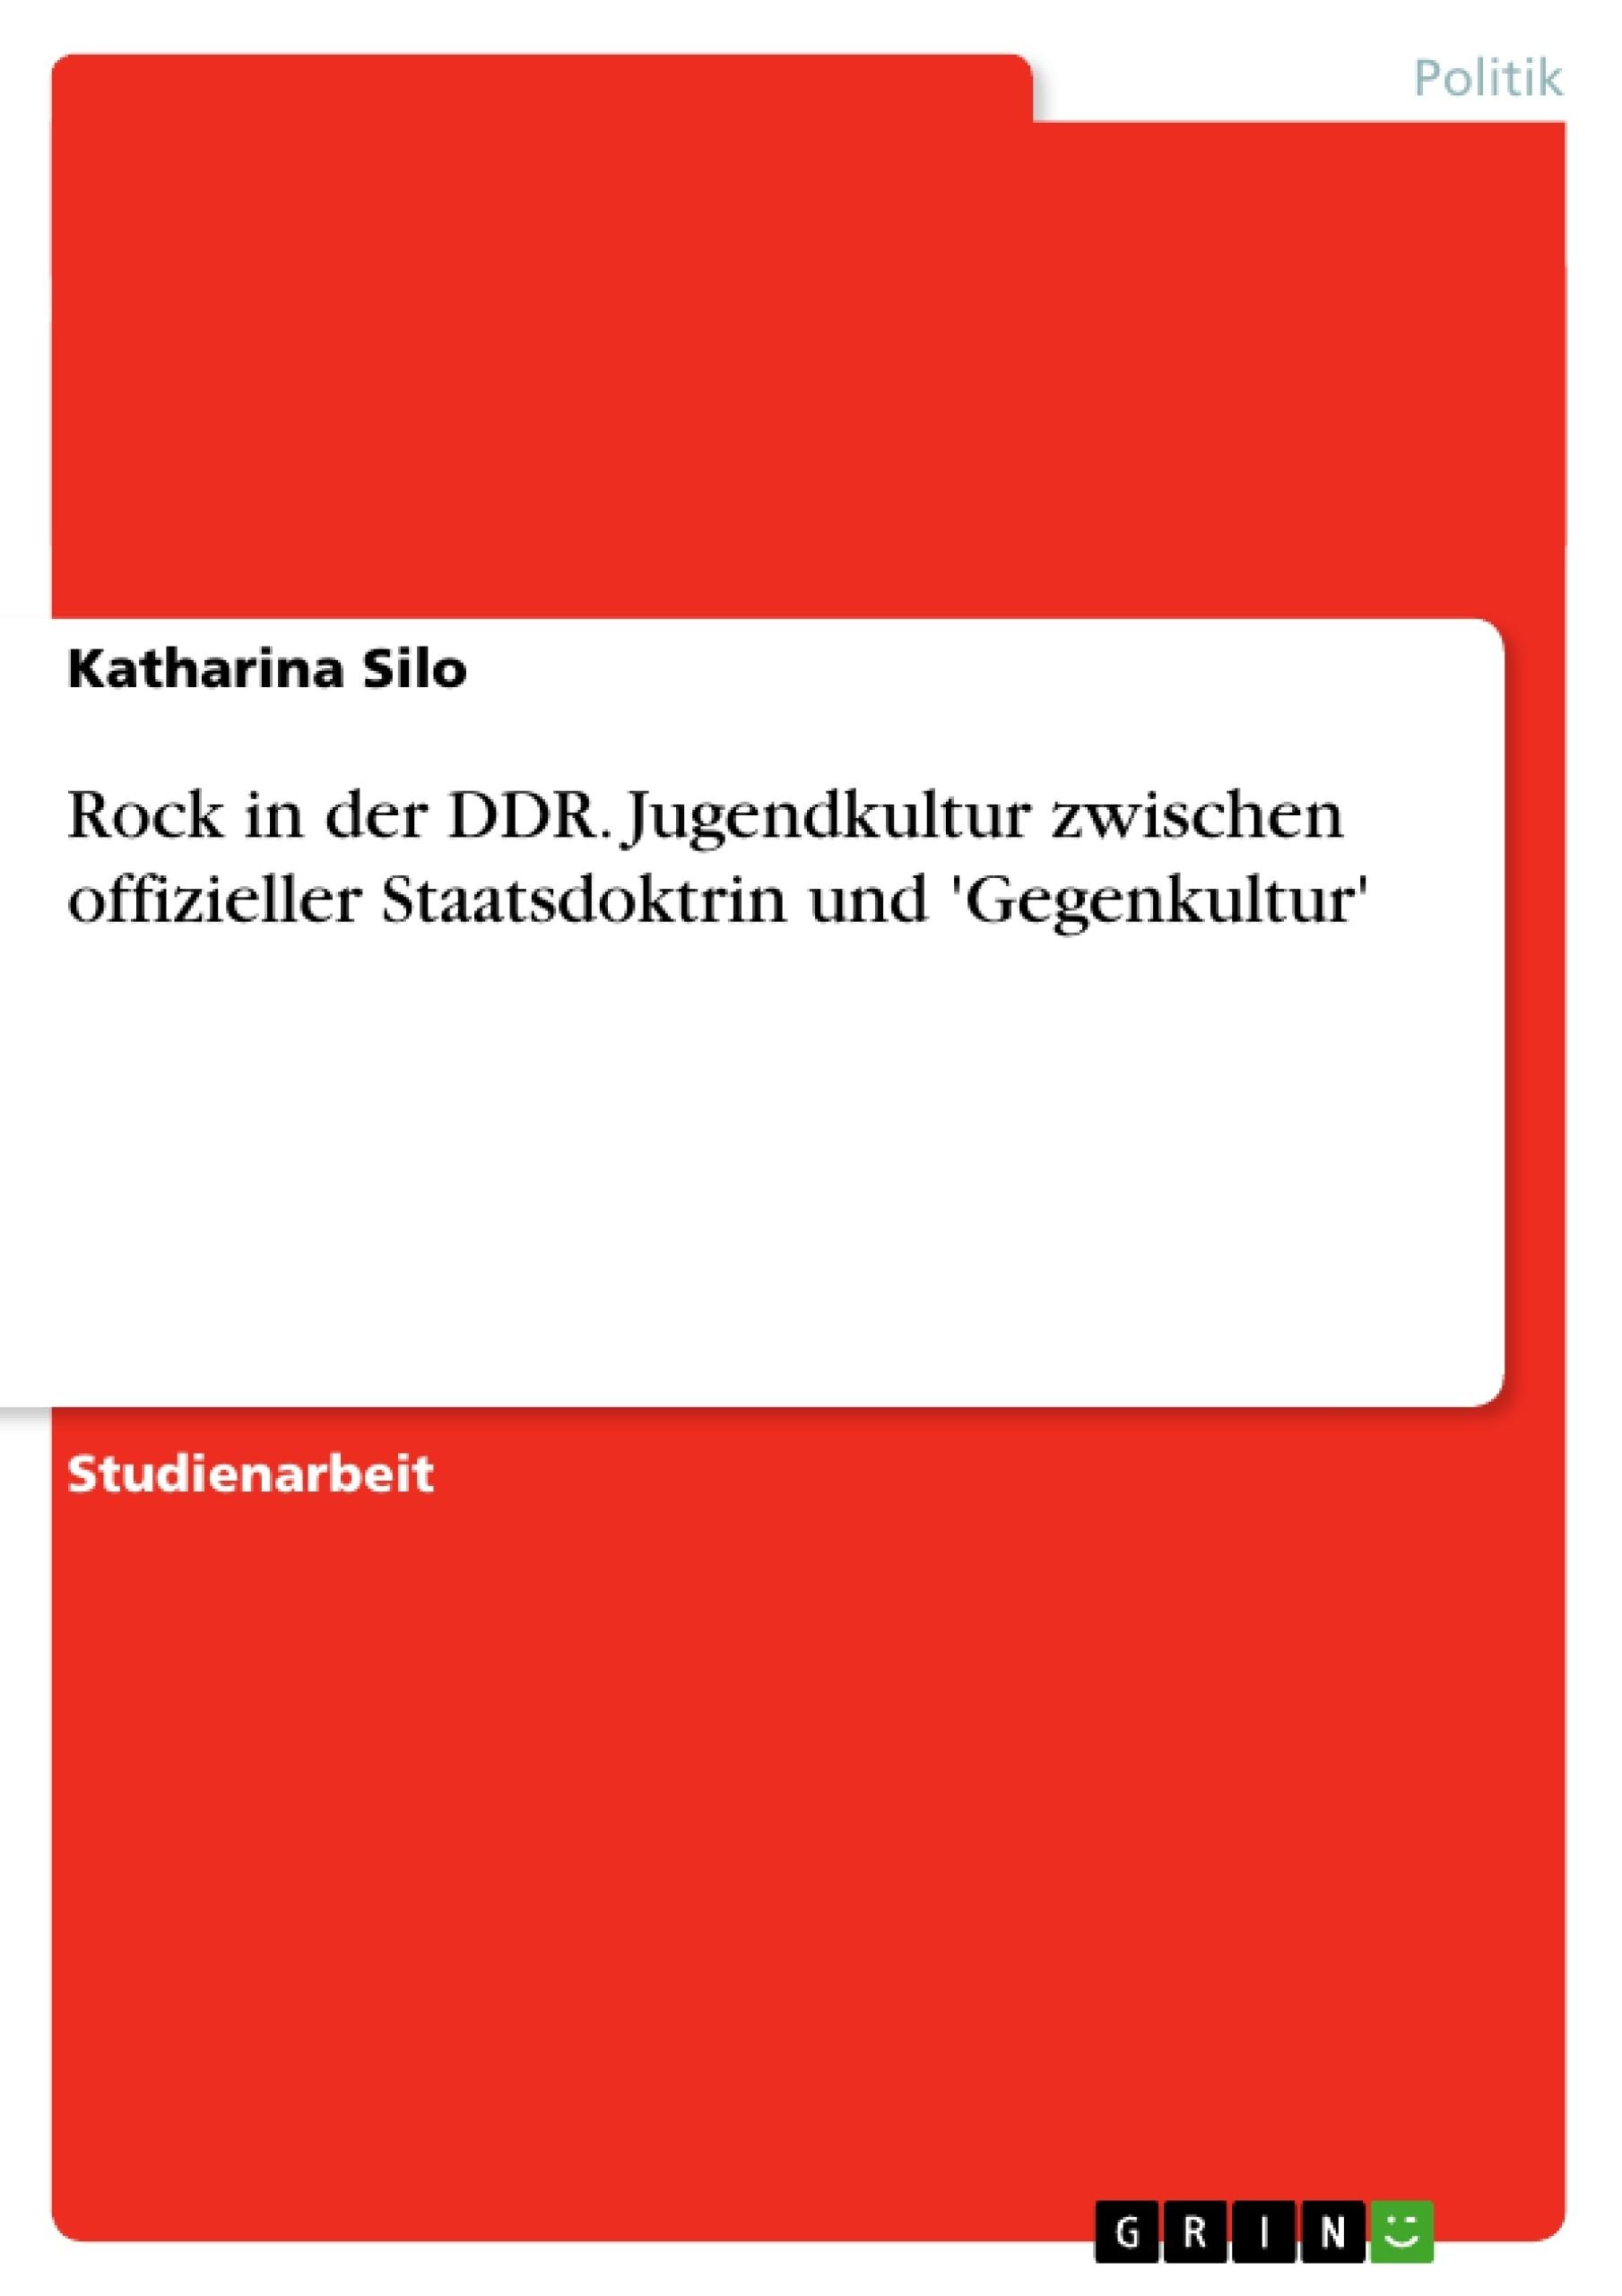 Titel: Rock in der DDR. Jugendkultur zwischen offizieller Staatsdoktrin und 'Gegenkultur'